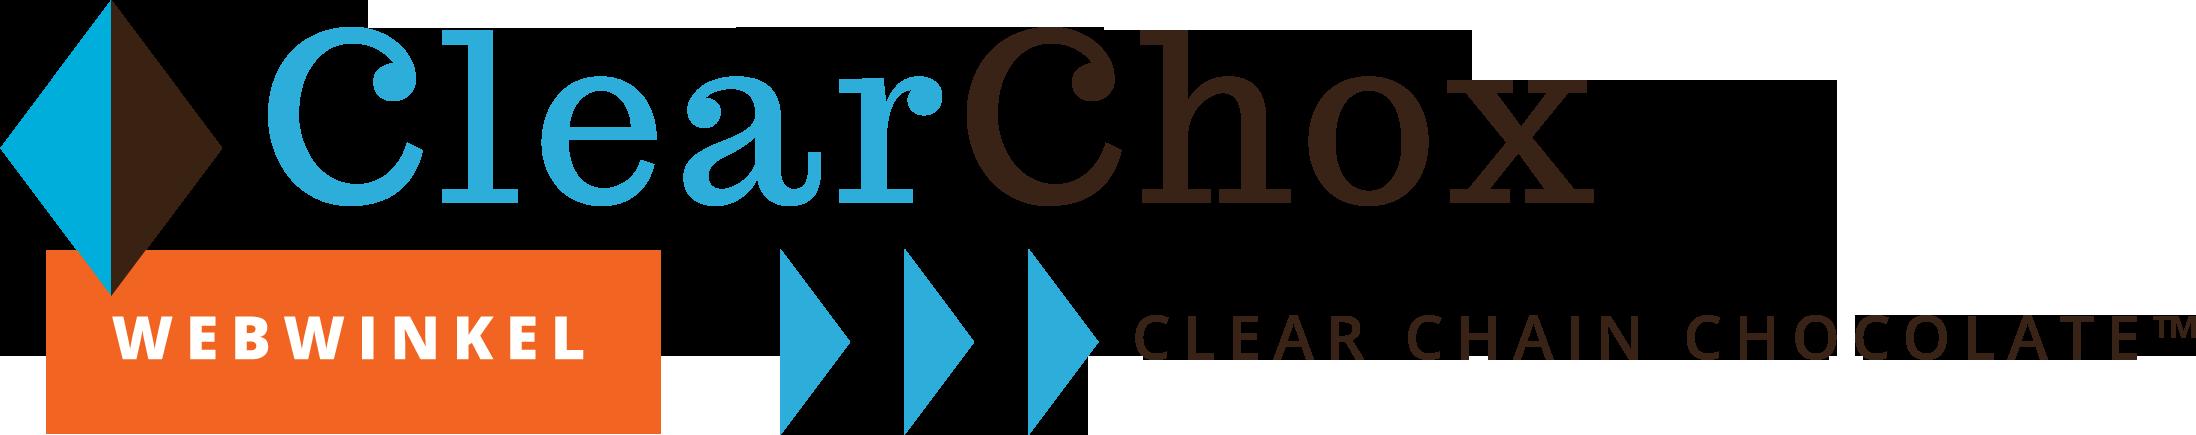 Clearchox Webwinkel